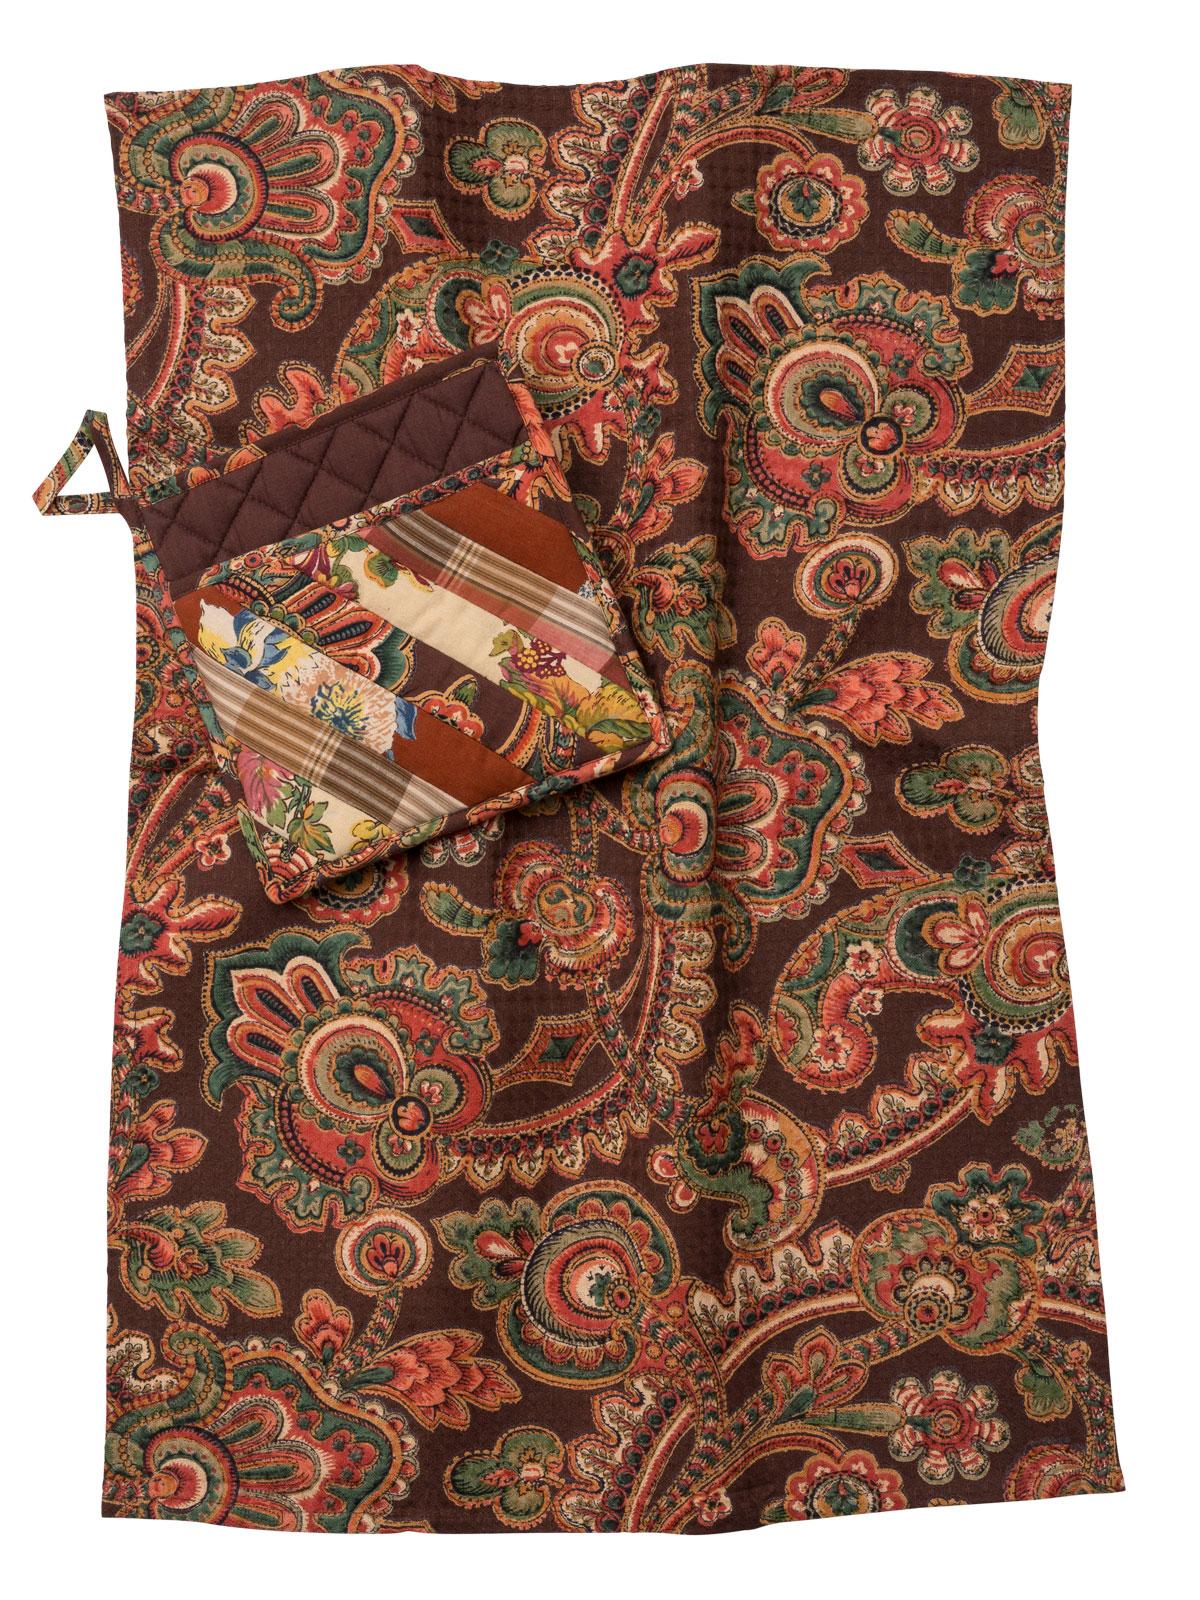 Harvest Riches Patchwork Pocket Potholder & Tea Towel Set